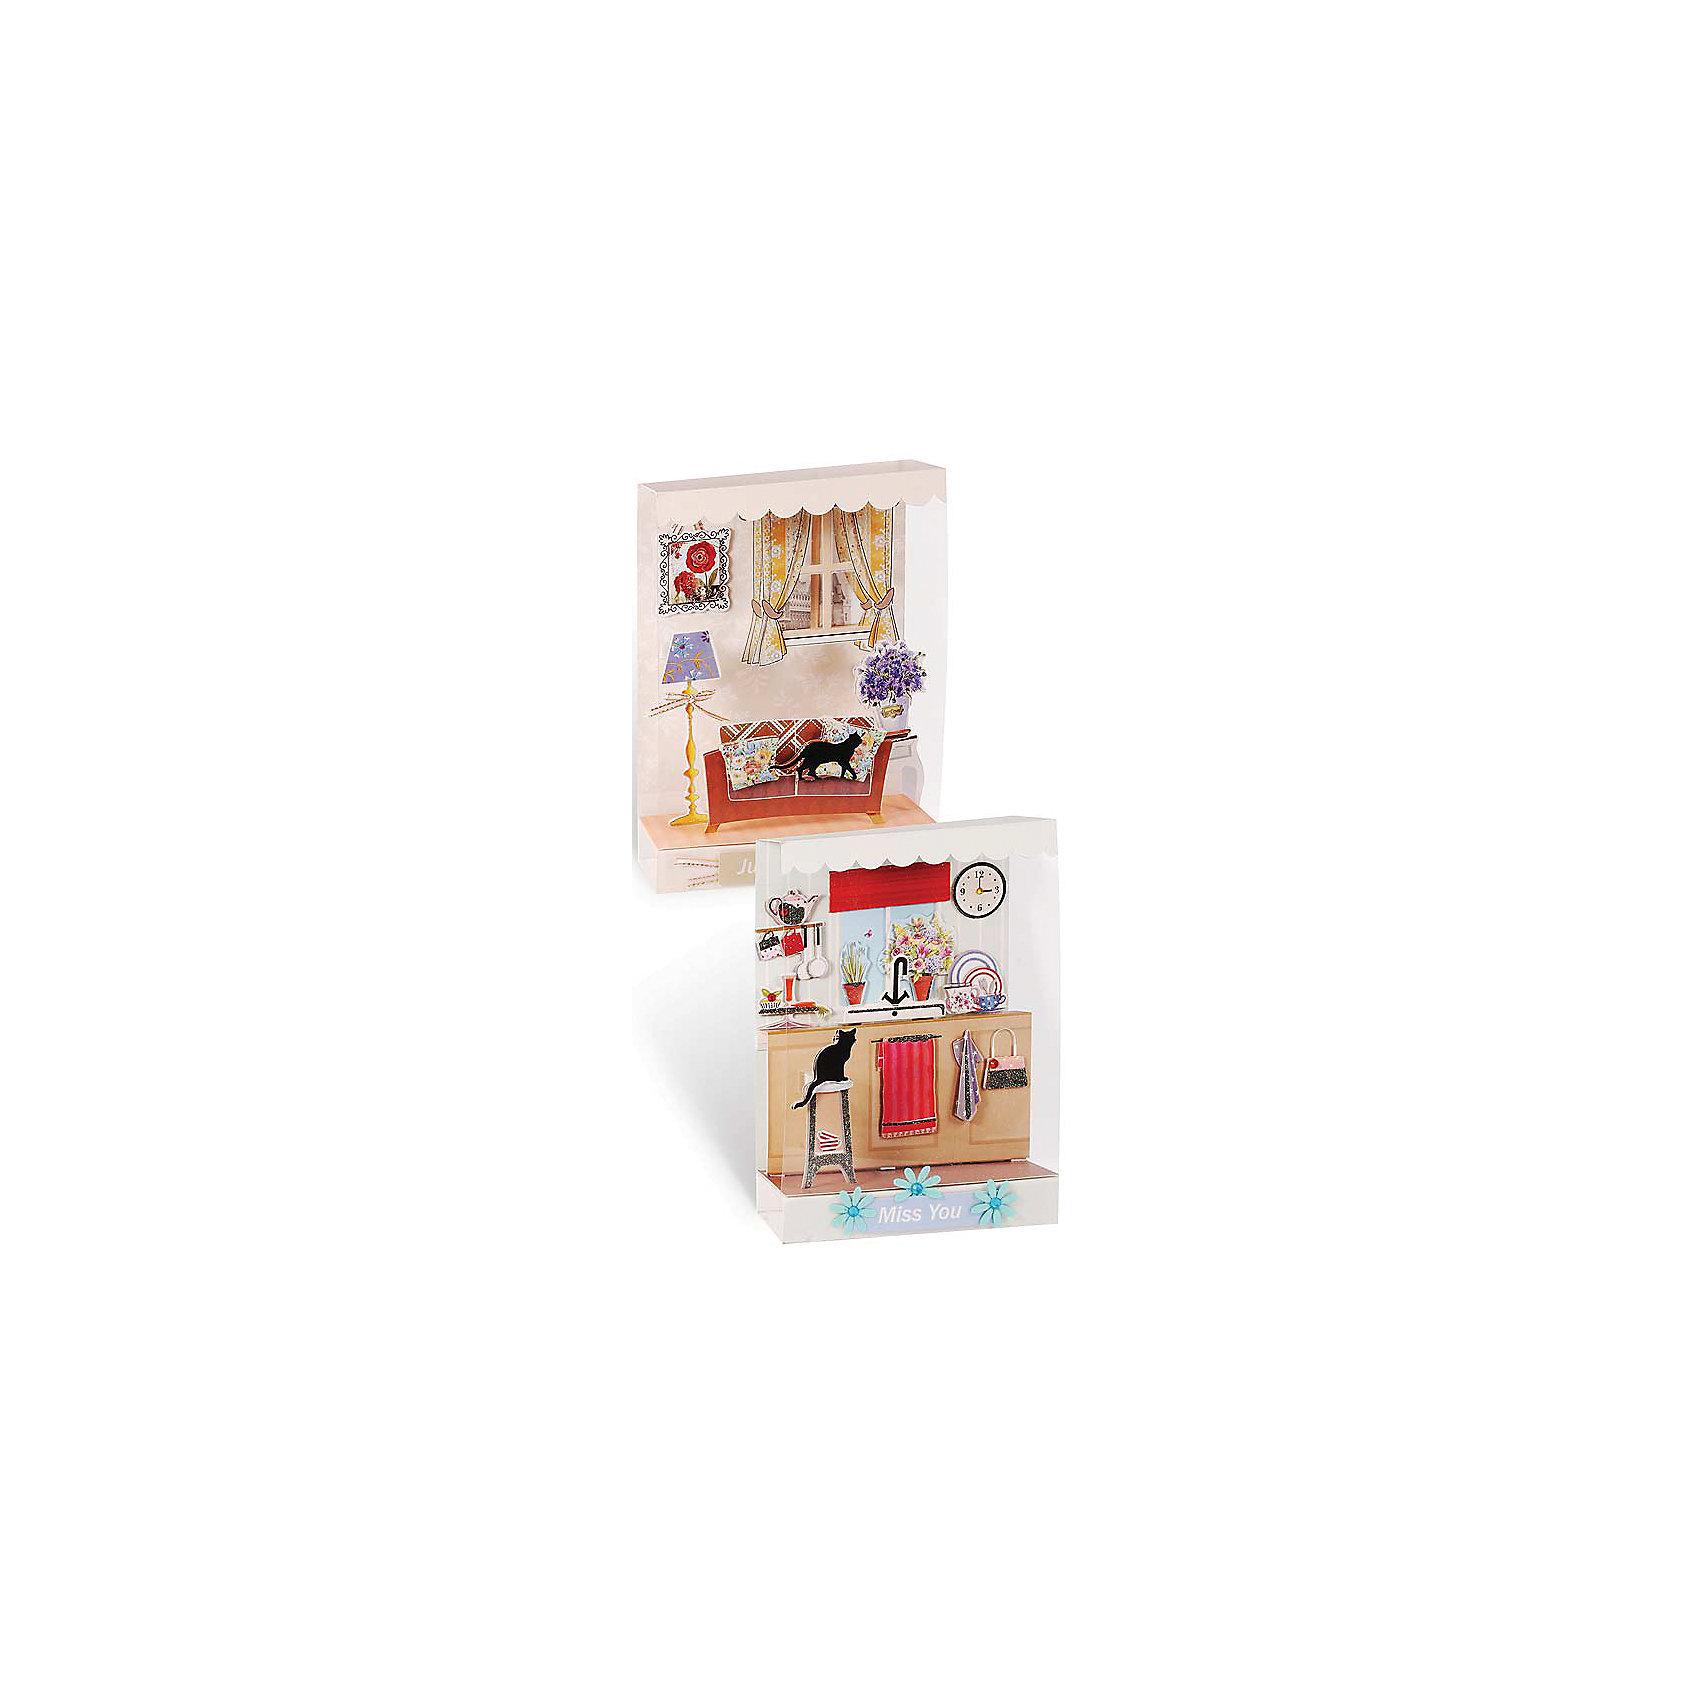 Скрапбукинг-набор для создания миниатюрСкрапбукинг-набор для создания миниатюр, Белоснежка.<br><br>Характеристики:<br><br>• вы можете создать объемную миниатюру<br>• в комплекте: 2 витрины, 2 заготовки для миниатюры, пластиковые полоски, клейкие подушечки, ленты, вырубка из бумаги, стразы, пайетки, полубусины<br>• размер: 15х2х40 см<br><br>С помощью набора от компании Белоснежка вы сможете создать объемную миниатюру, которая станет украшением любого дома. Комнаты с объемной мебелью, цветами и очаровательным котиком легко создаст даже ребенок. В набор входят карточки с пожеланиями, прикрепив которые, можно преподнести миниатюру в качестве подарка.<br><br>Вы можете купить скрапбукинг-набор для создания миниатюр, Белоснежка в нашем интернет-магазине.<br><br>Ширина мм: 270<br>Глубина мм: 150<br>Высота мм: 60<br>Вес г: 280<br>Возраст от месяцев: 72<br>Возраст до месяцев: 144<br>Пол: Женский<br>Возраст: Детский<br>SKU: 5089627